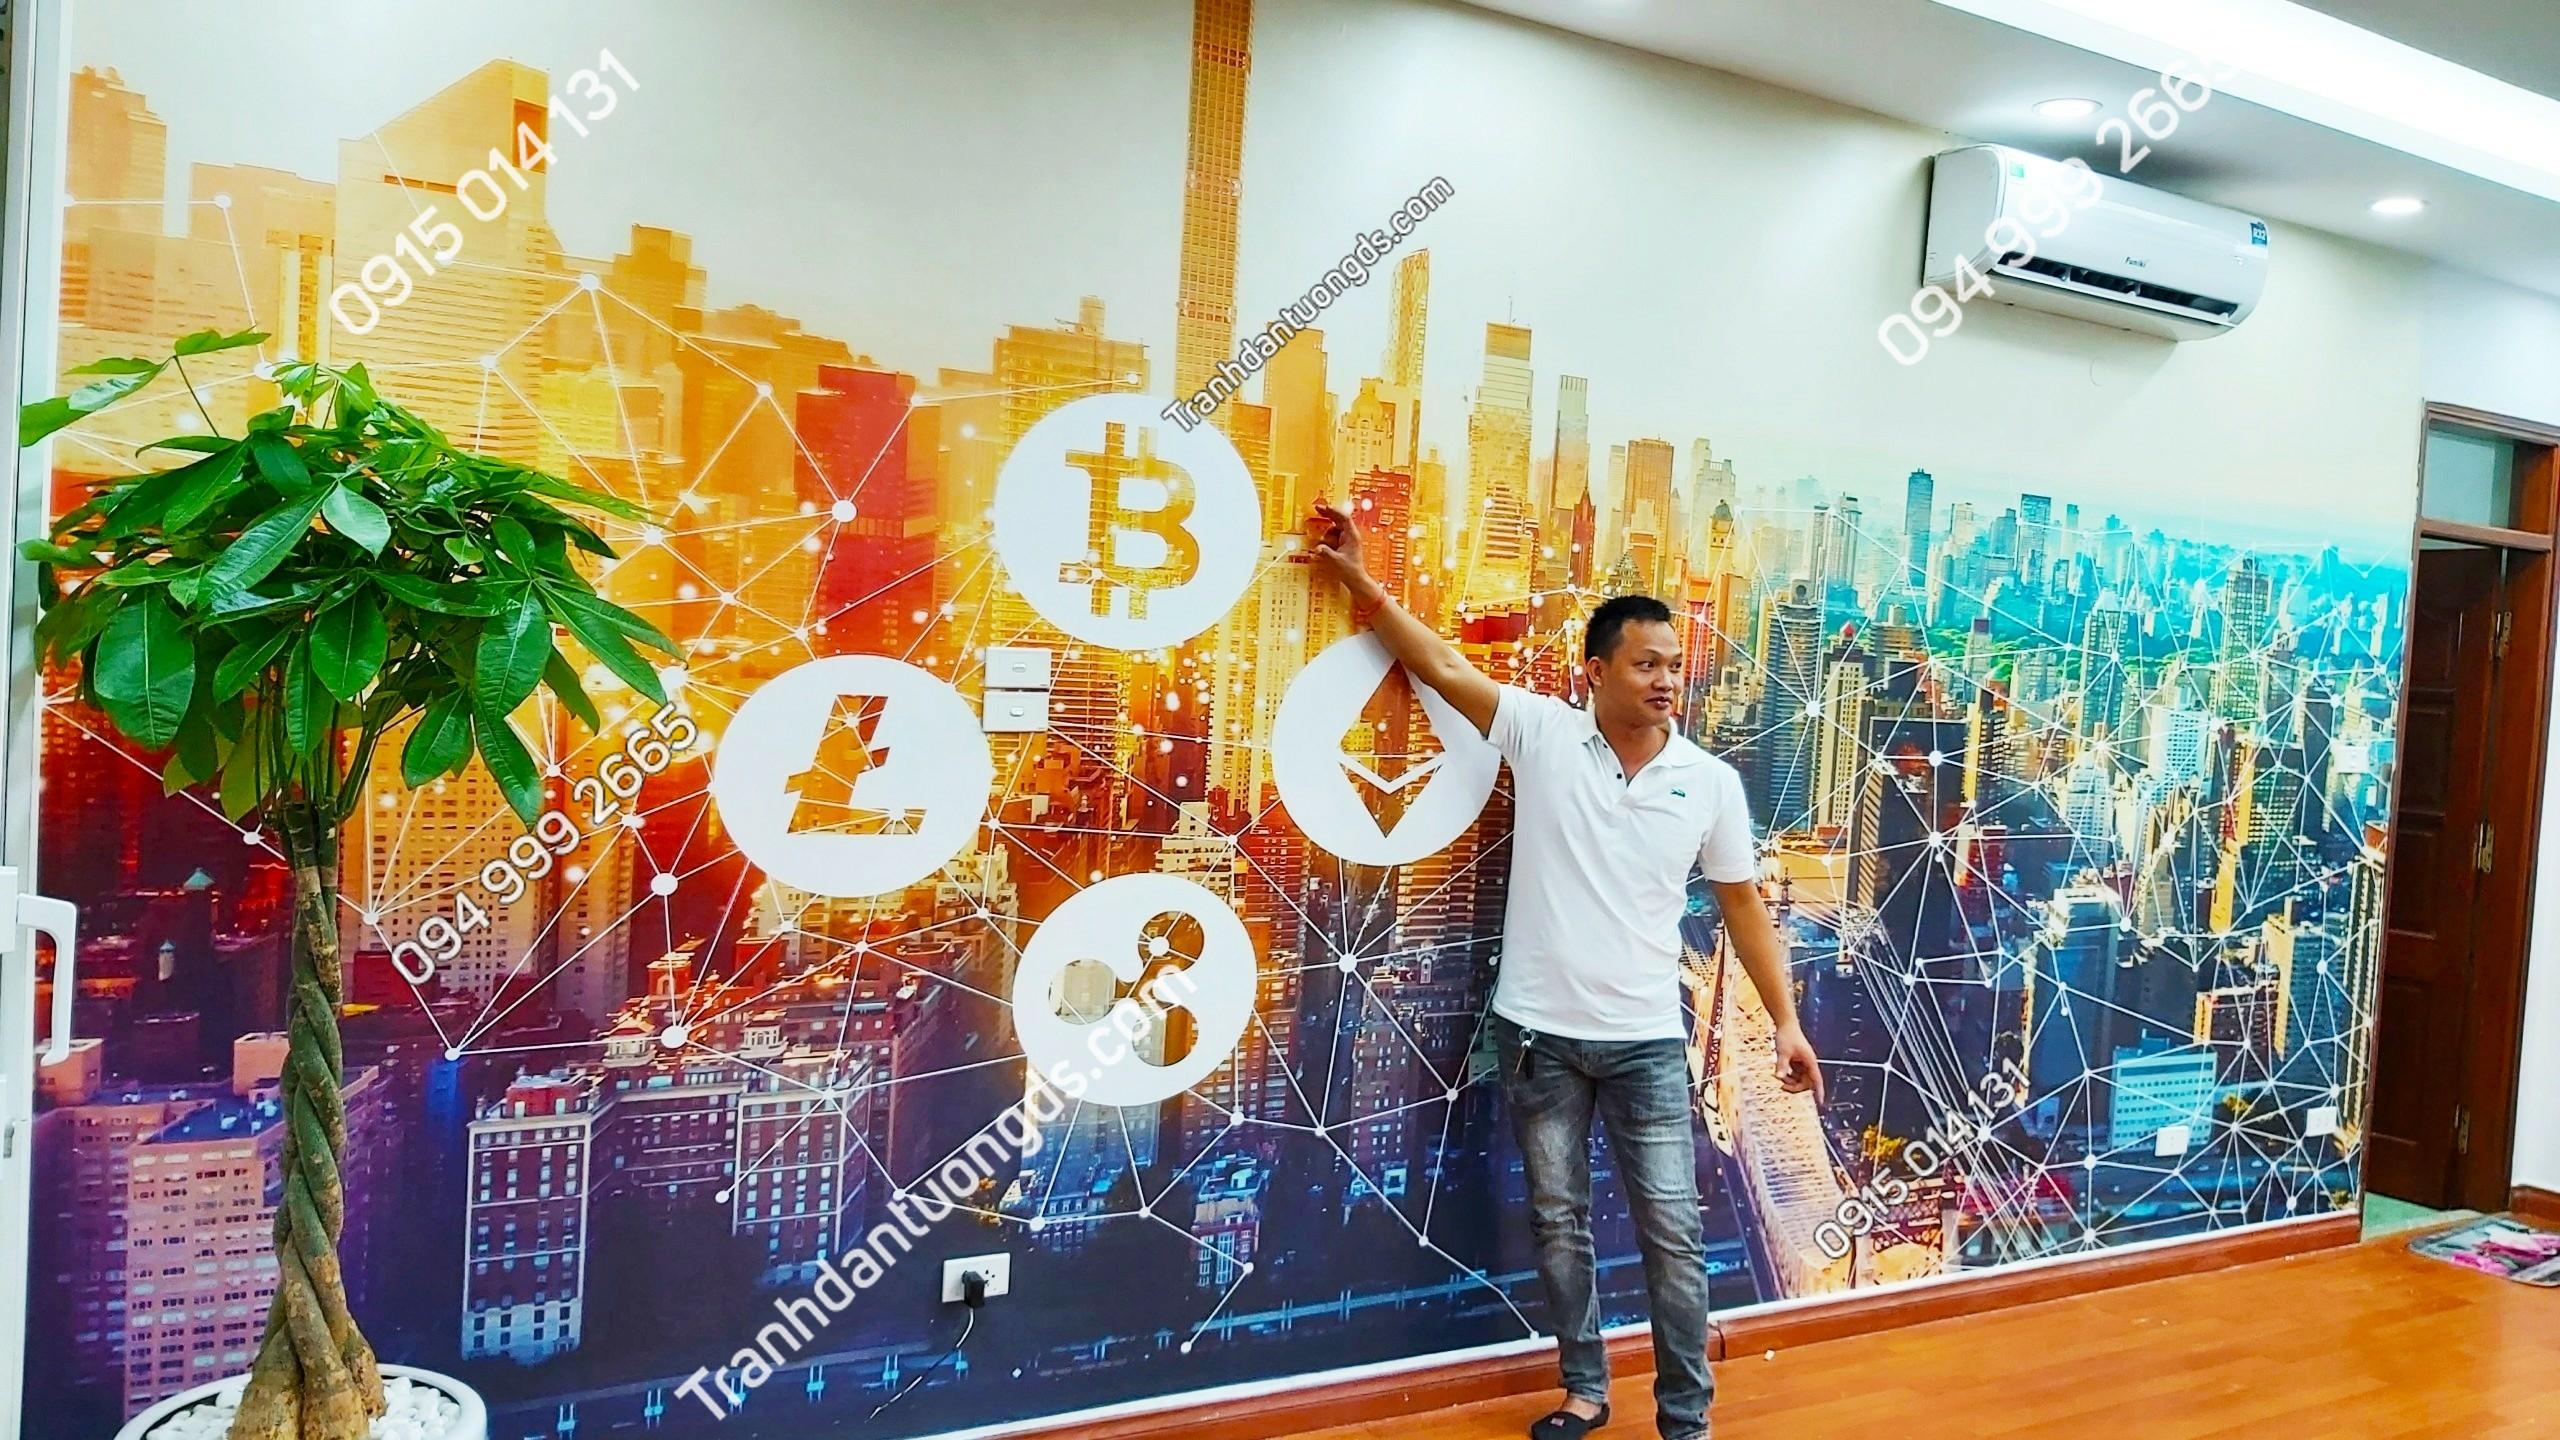 Tranh dán tường tài chính cho văn phòng